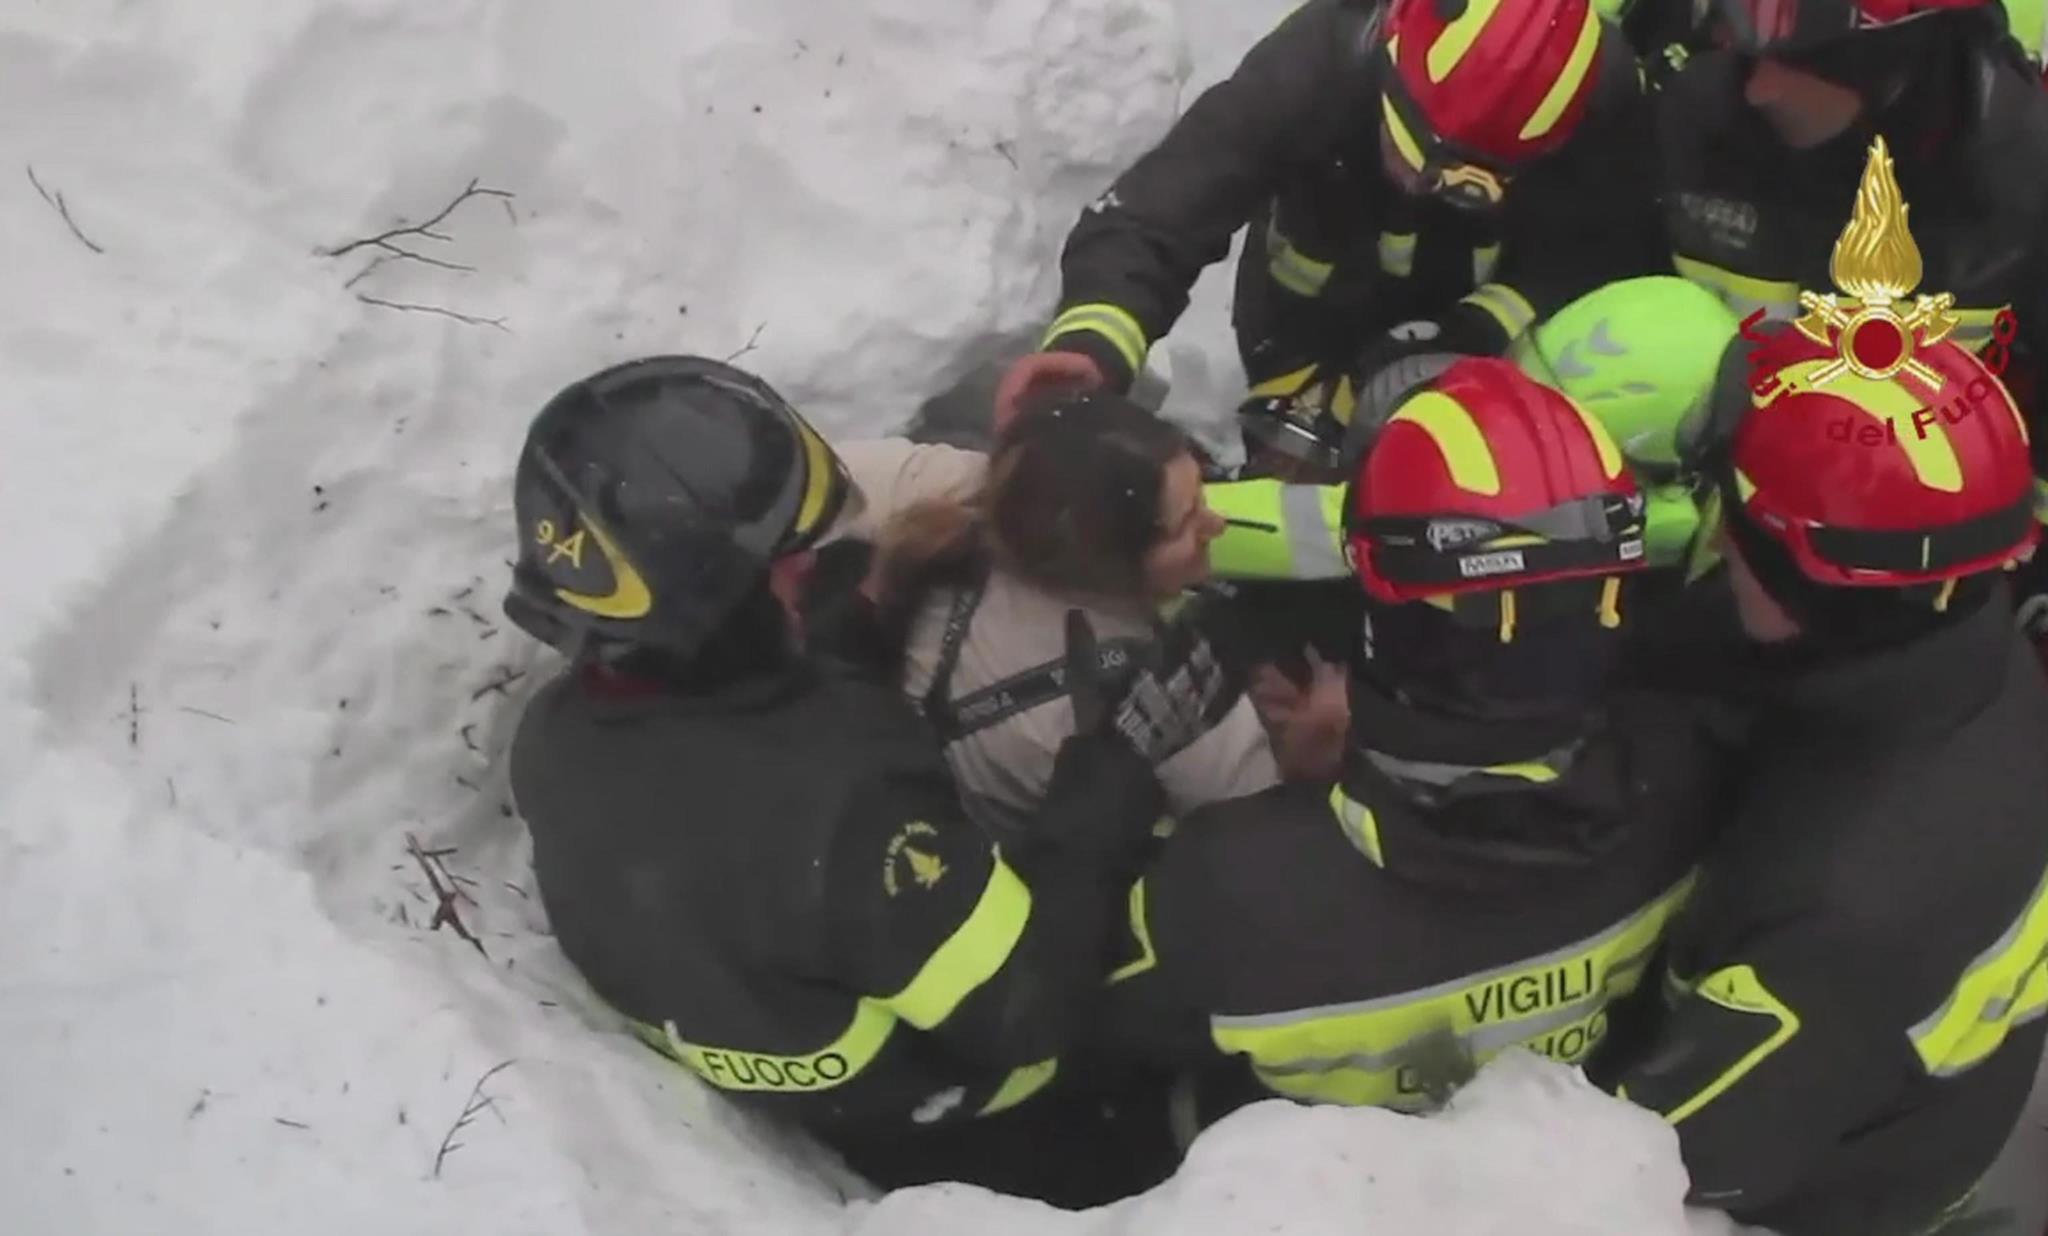 PÚBLICO - Dez sobreviventes encontrados no hotel destruído por avalancha em Itália